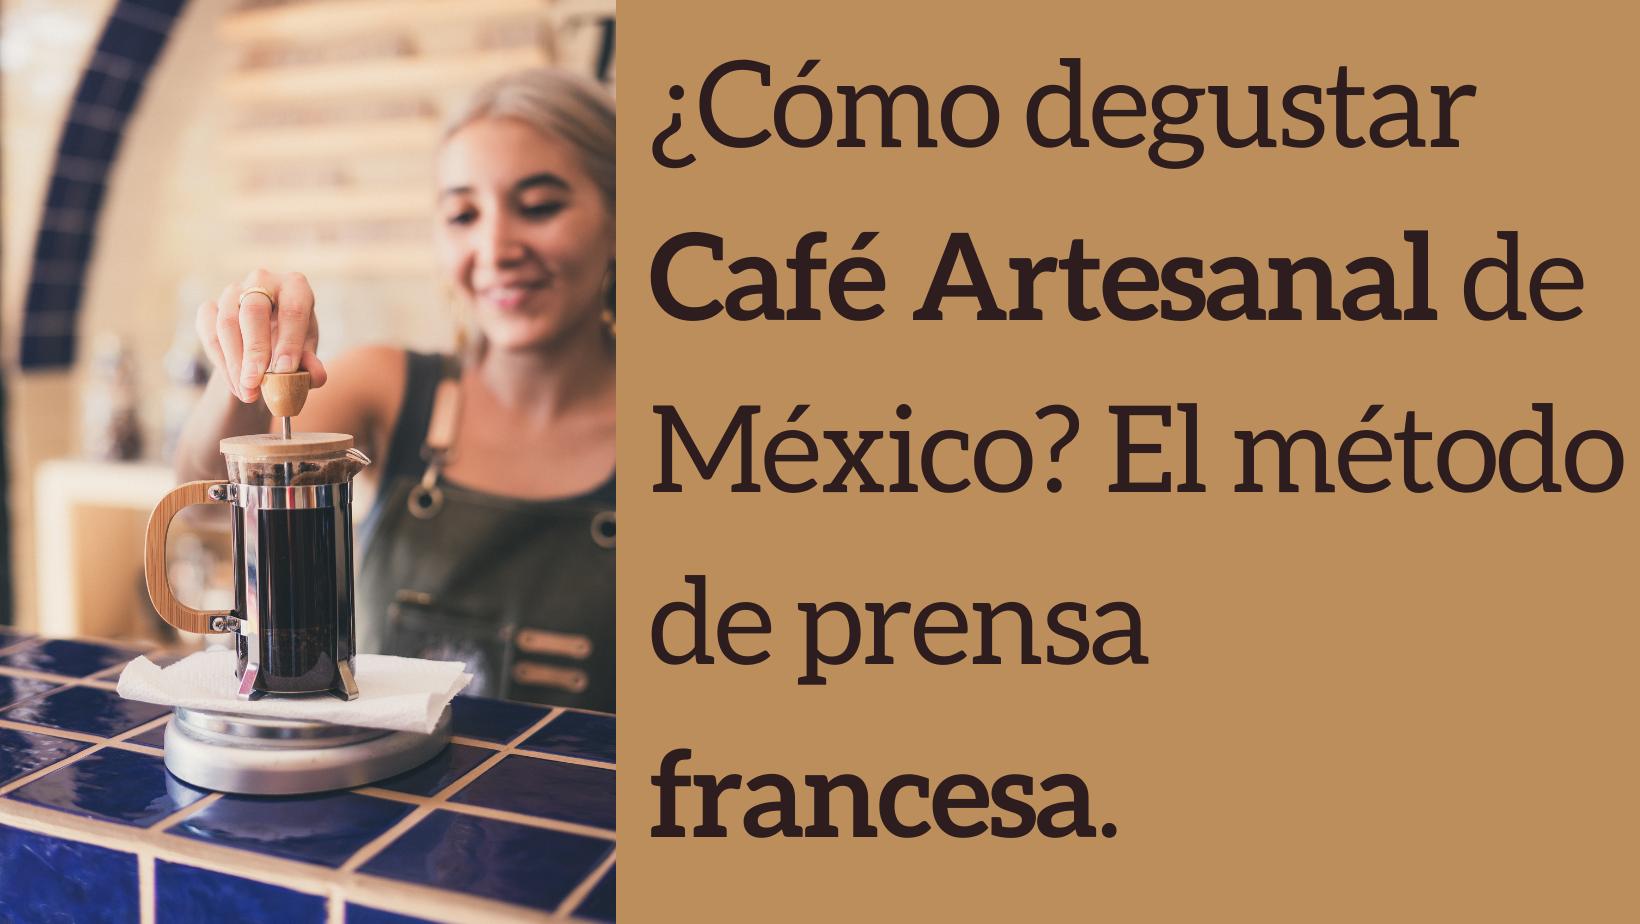 0e514-degustar-cafe-artesanal-mexico-prensa-francesa.png